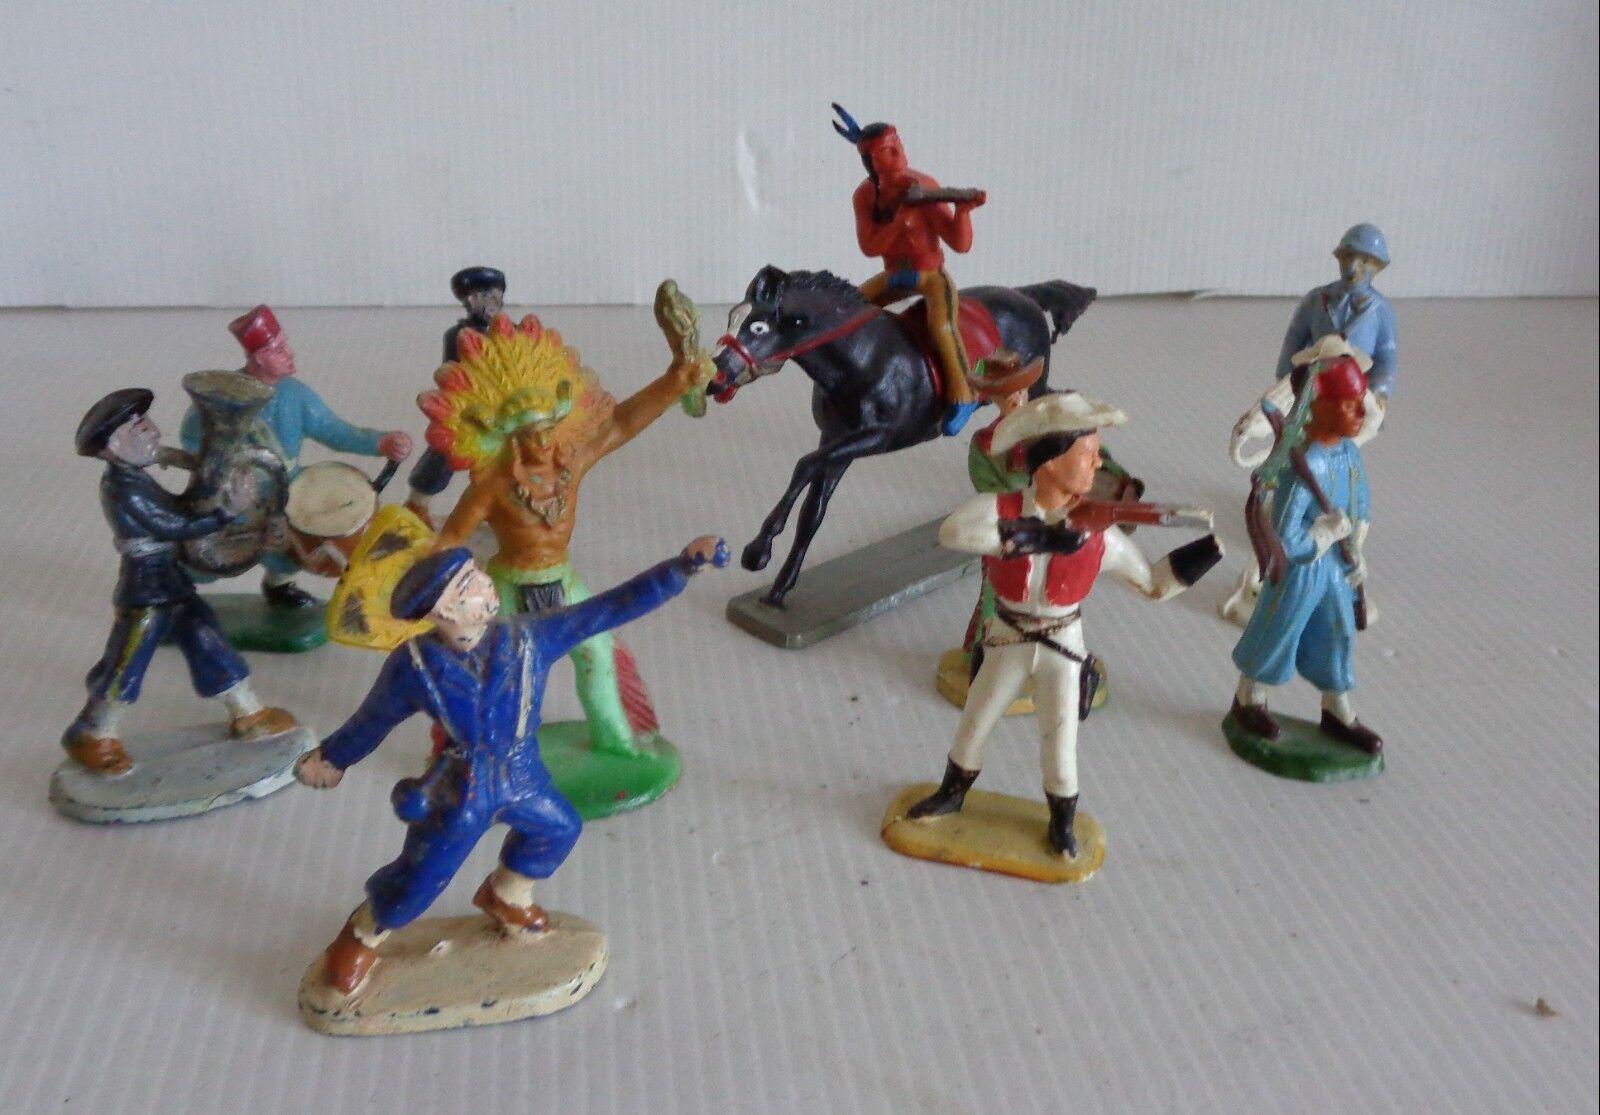 Antik STARLUX Los 11 Indian/Pferd/SPAHIES/und andere circa 1960 guter Zustand 1/